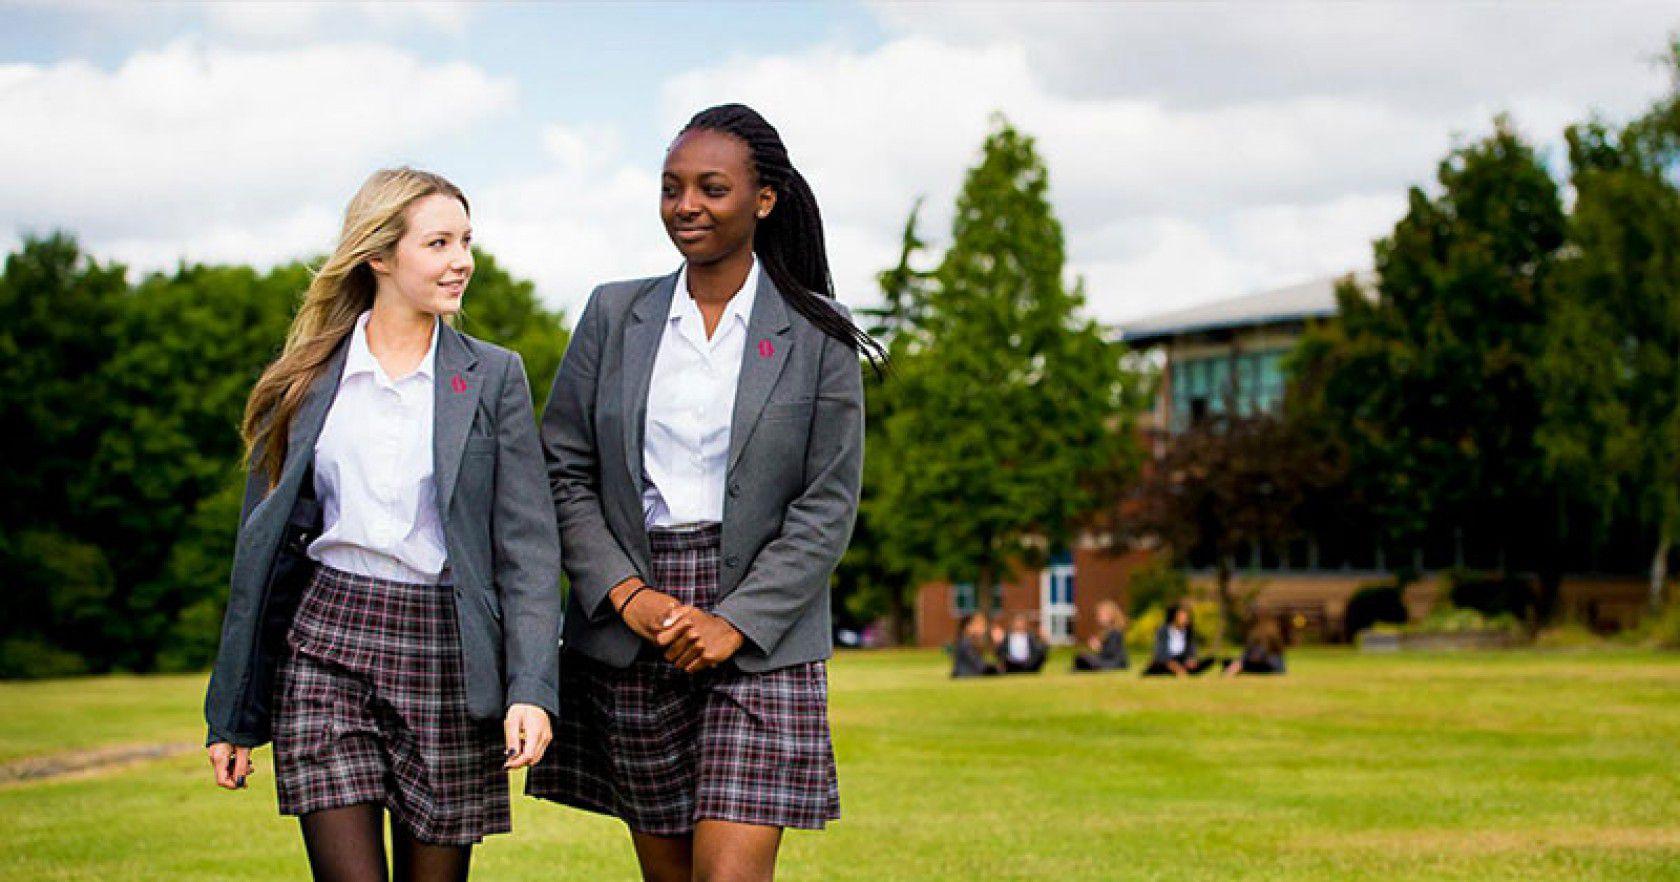 İngiltere'de Kolej Eğitimi ve SLEP Sınavı Başvurusu Hakkında Bilinmesi Gerekenler